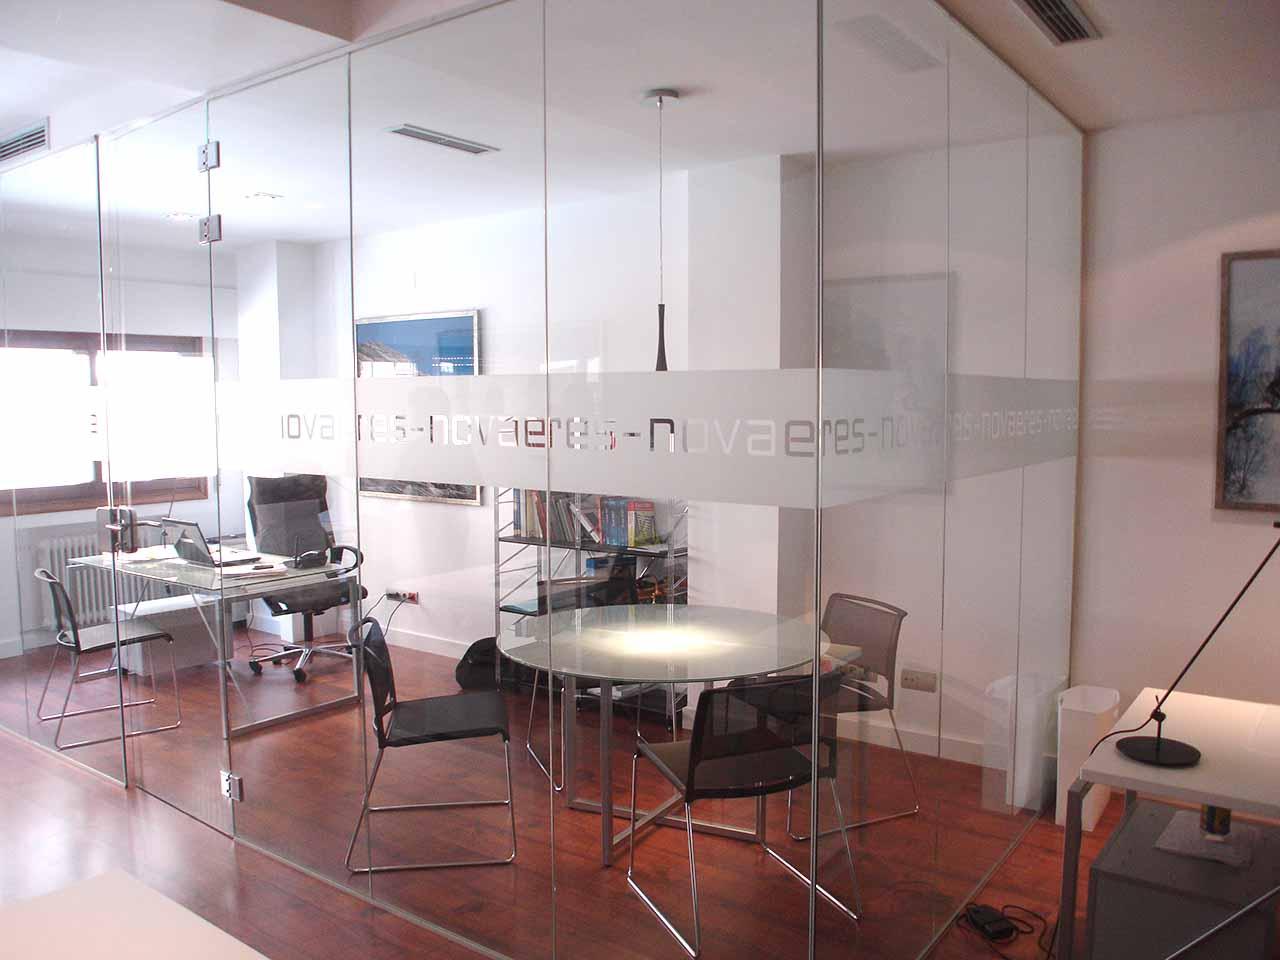 Oficinas alicia mesa dise adora de interiores y - Disenadora de interiores ...